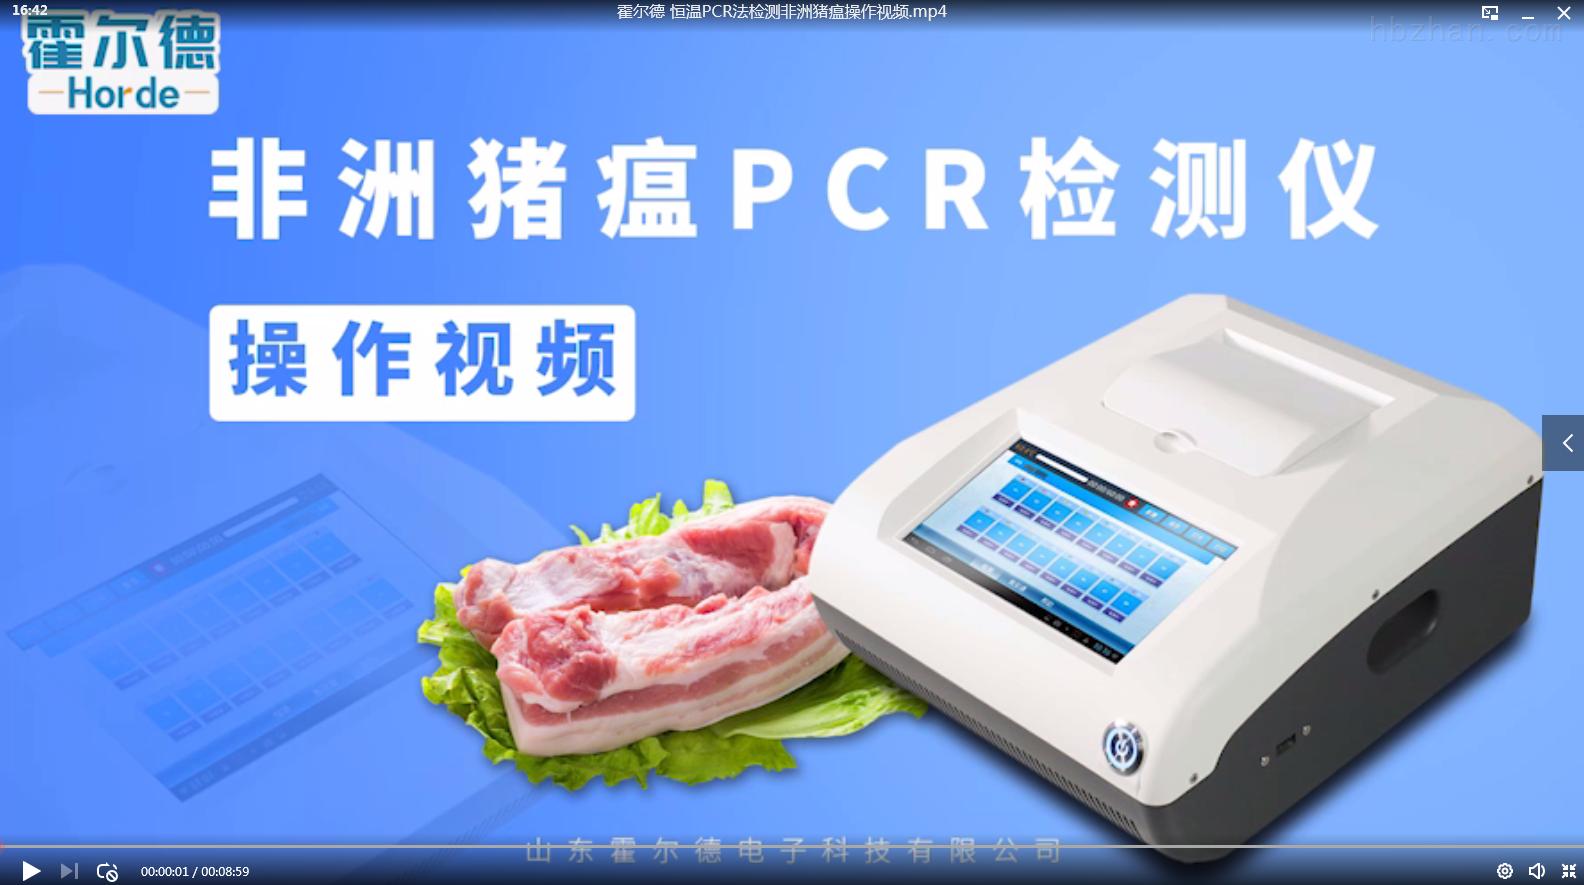 霍尔德  非洲猪瘟PCR法恒温检测仪器操作视频介绍